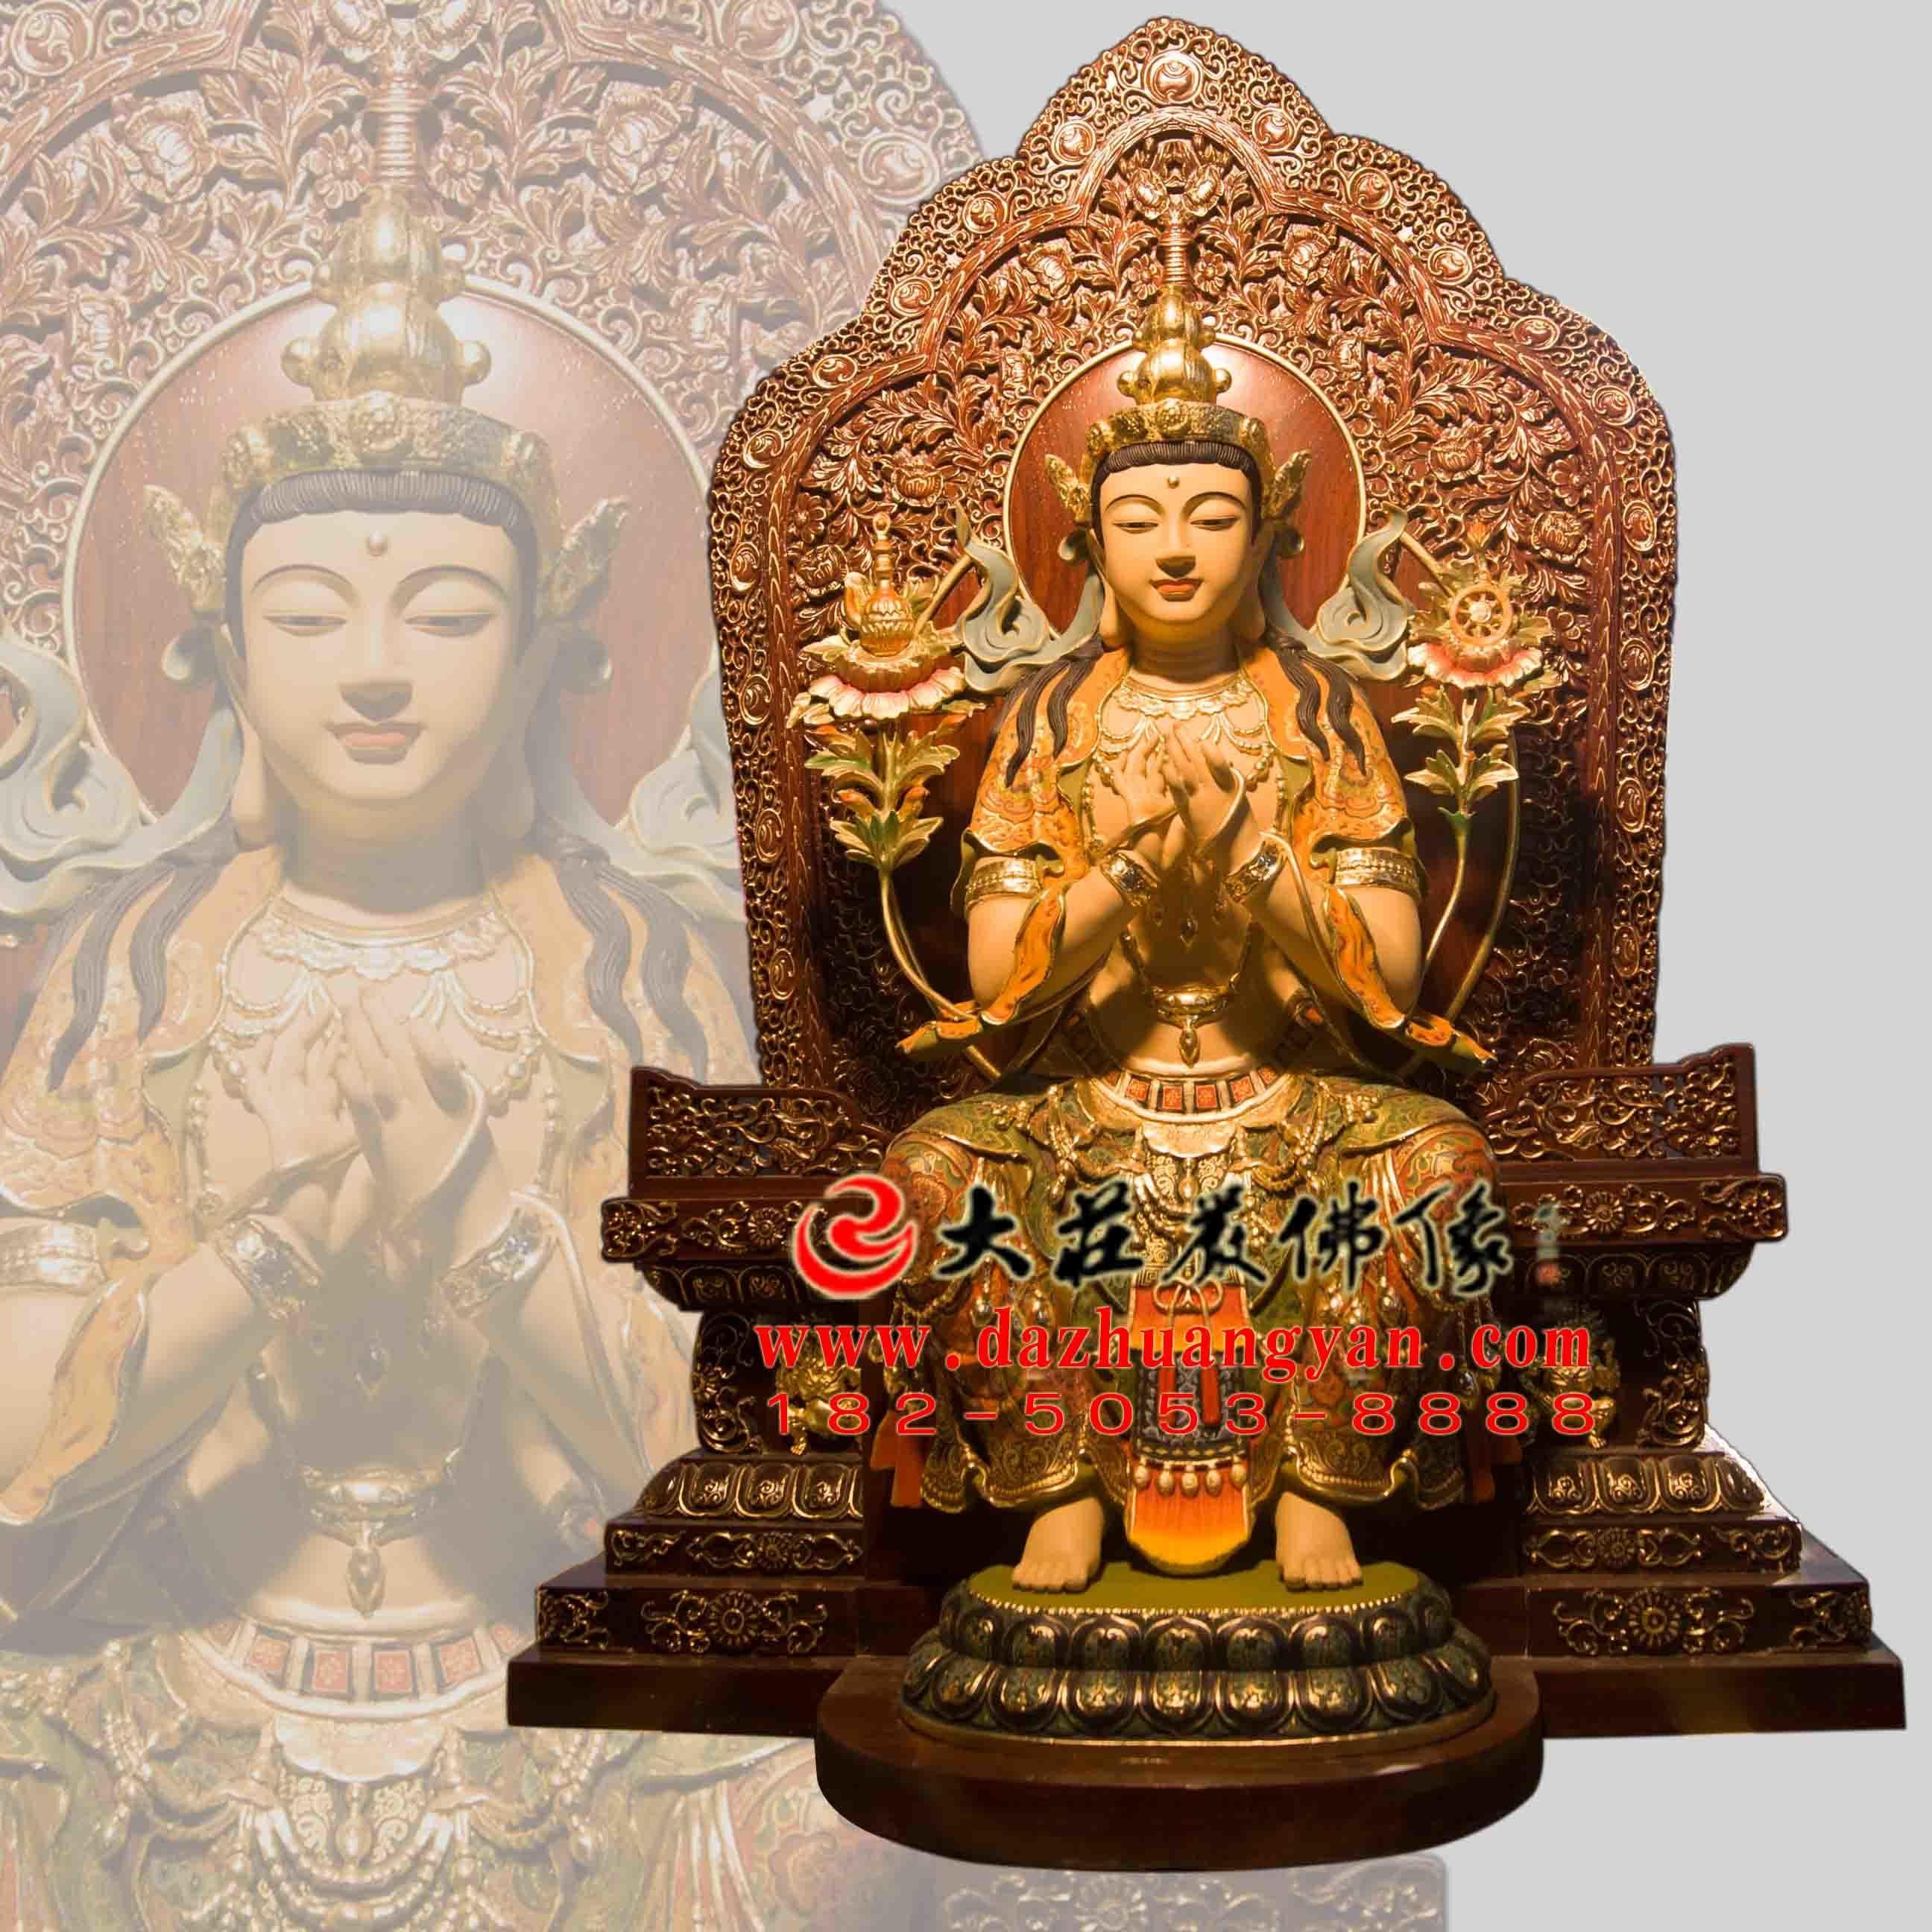 天宫弥勒彩绘塑像 八大菩萨弥勒菩萨雕塑 弥勒佛佛像定制厂家